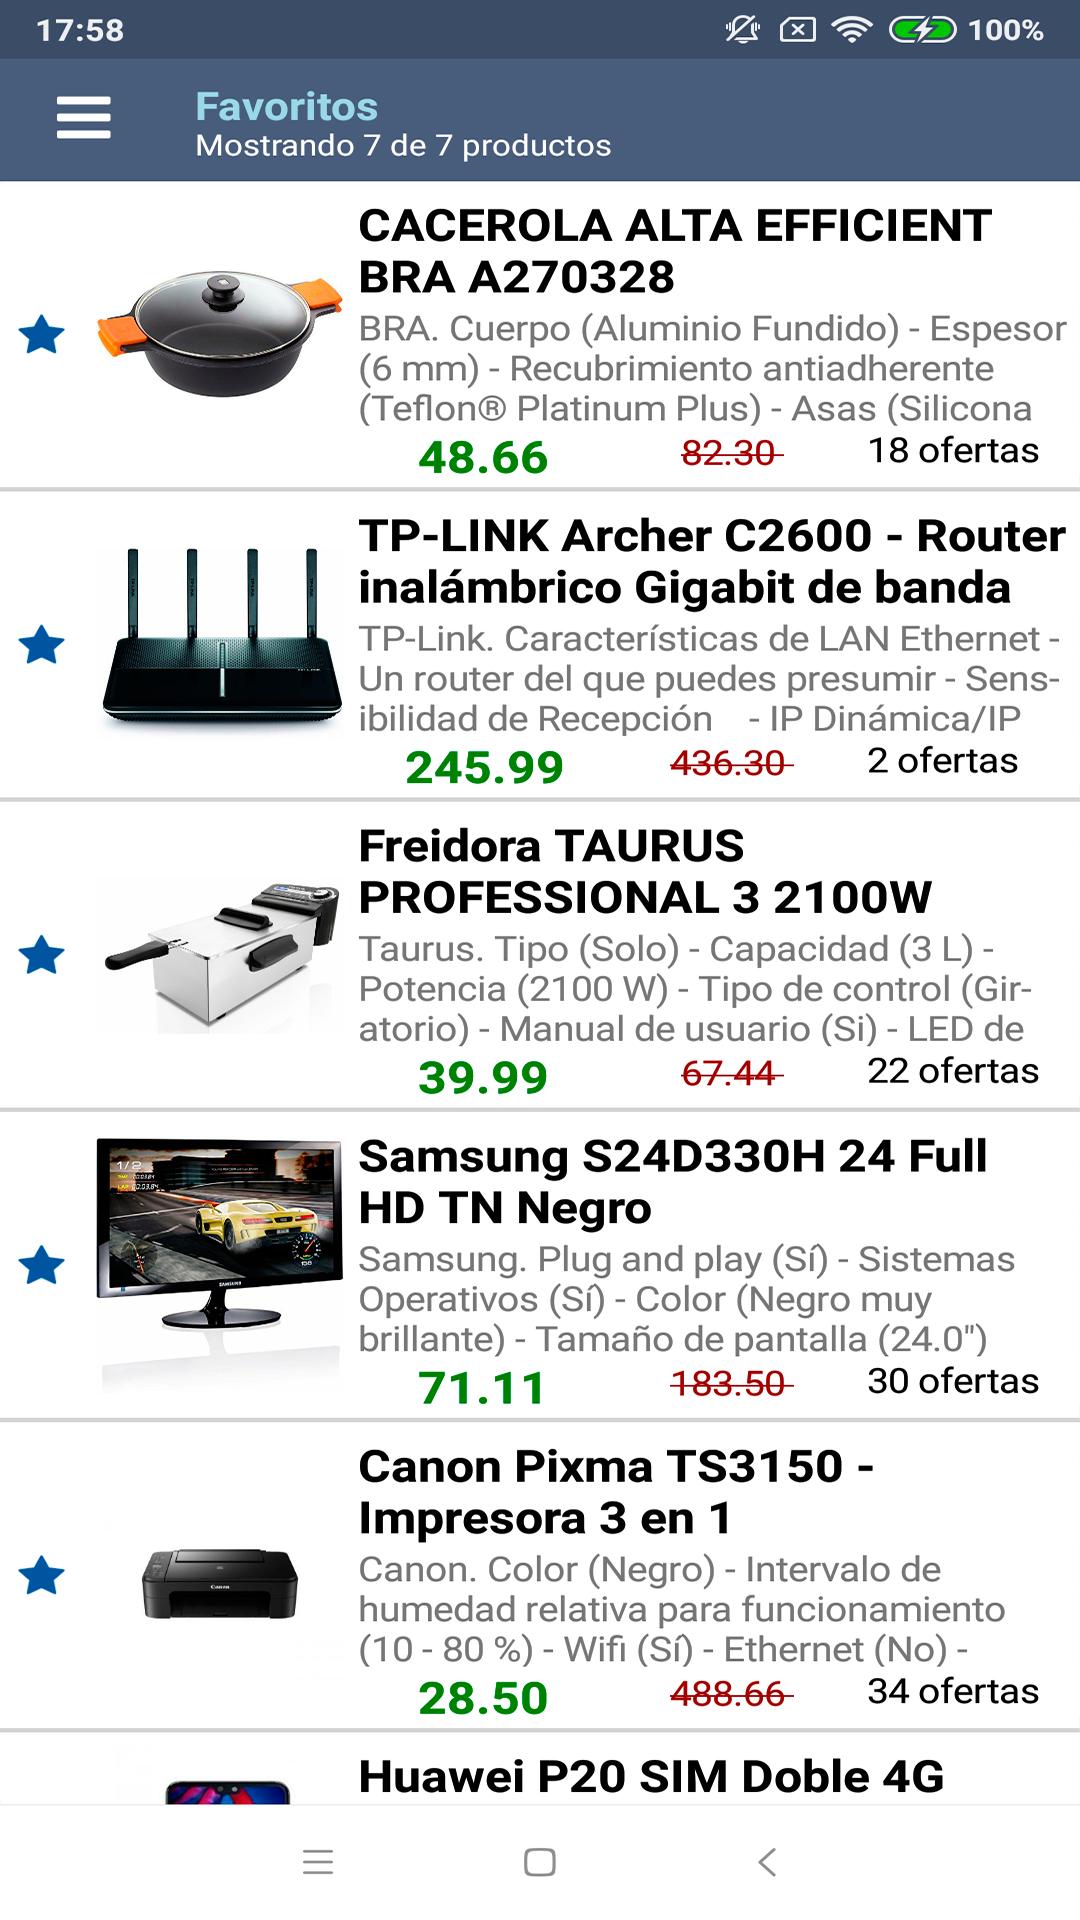 Consumer - Comparador de ofertas & precios: Amazon.es: Appstore ...